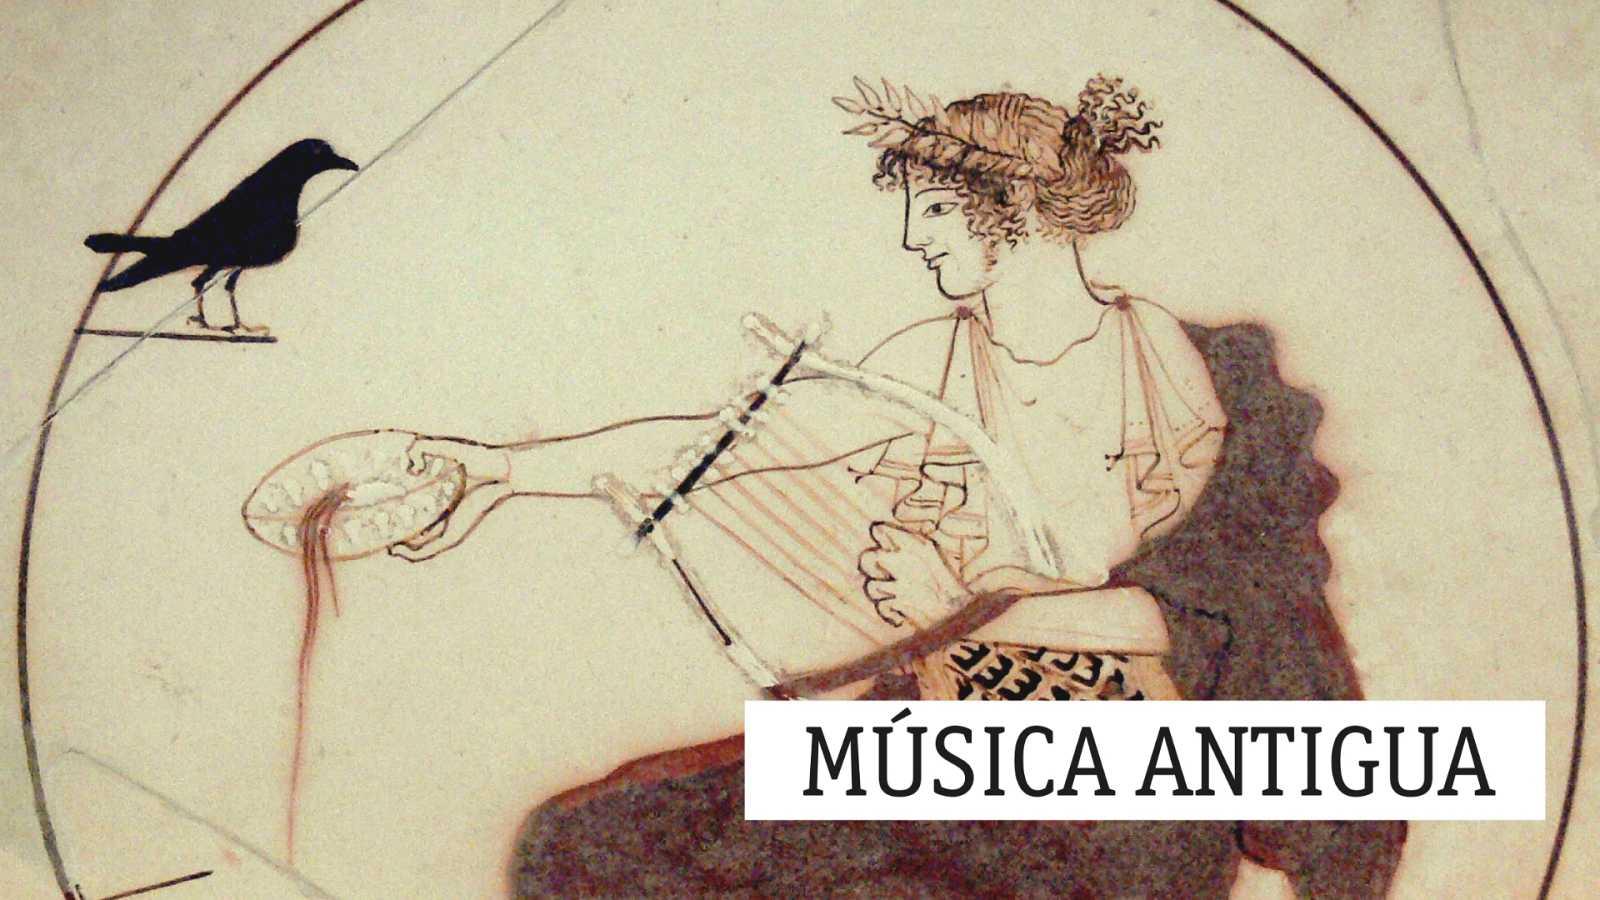 Música antigua - Virtuosos - 01/06/21 - escuchar ahora